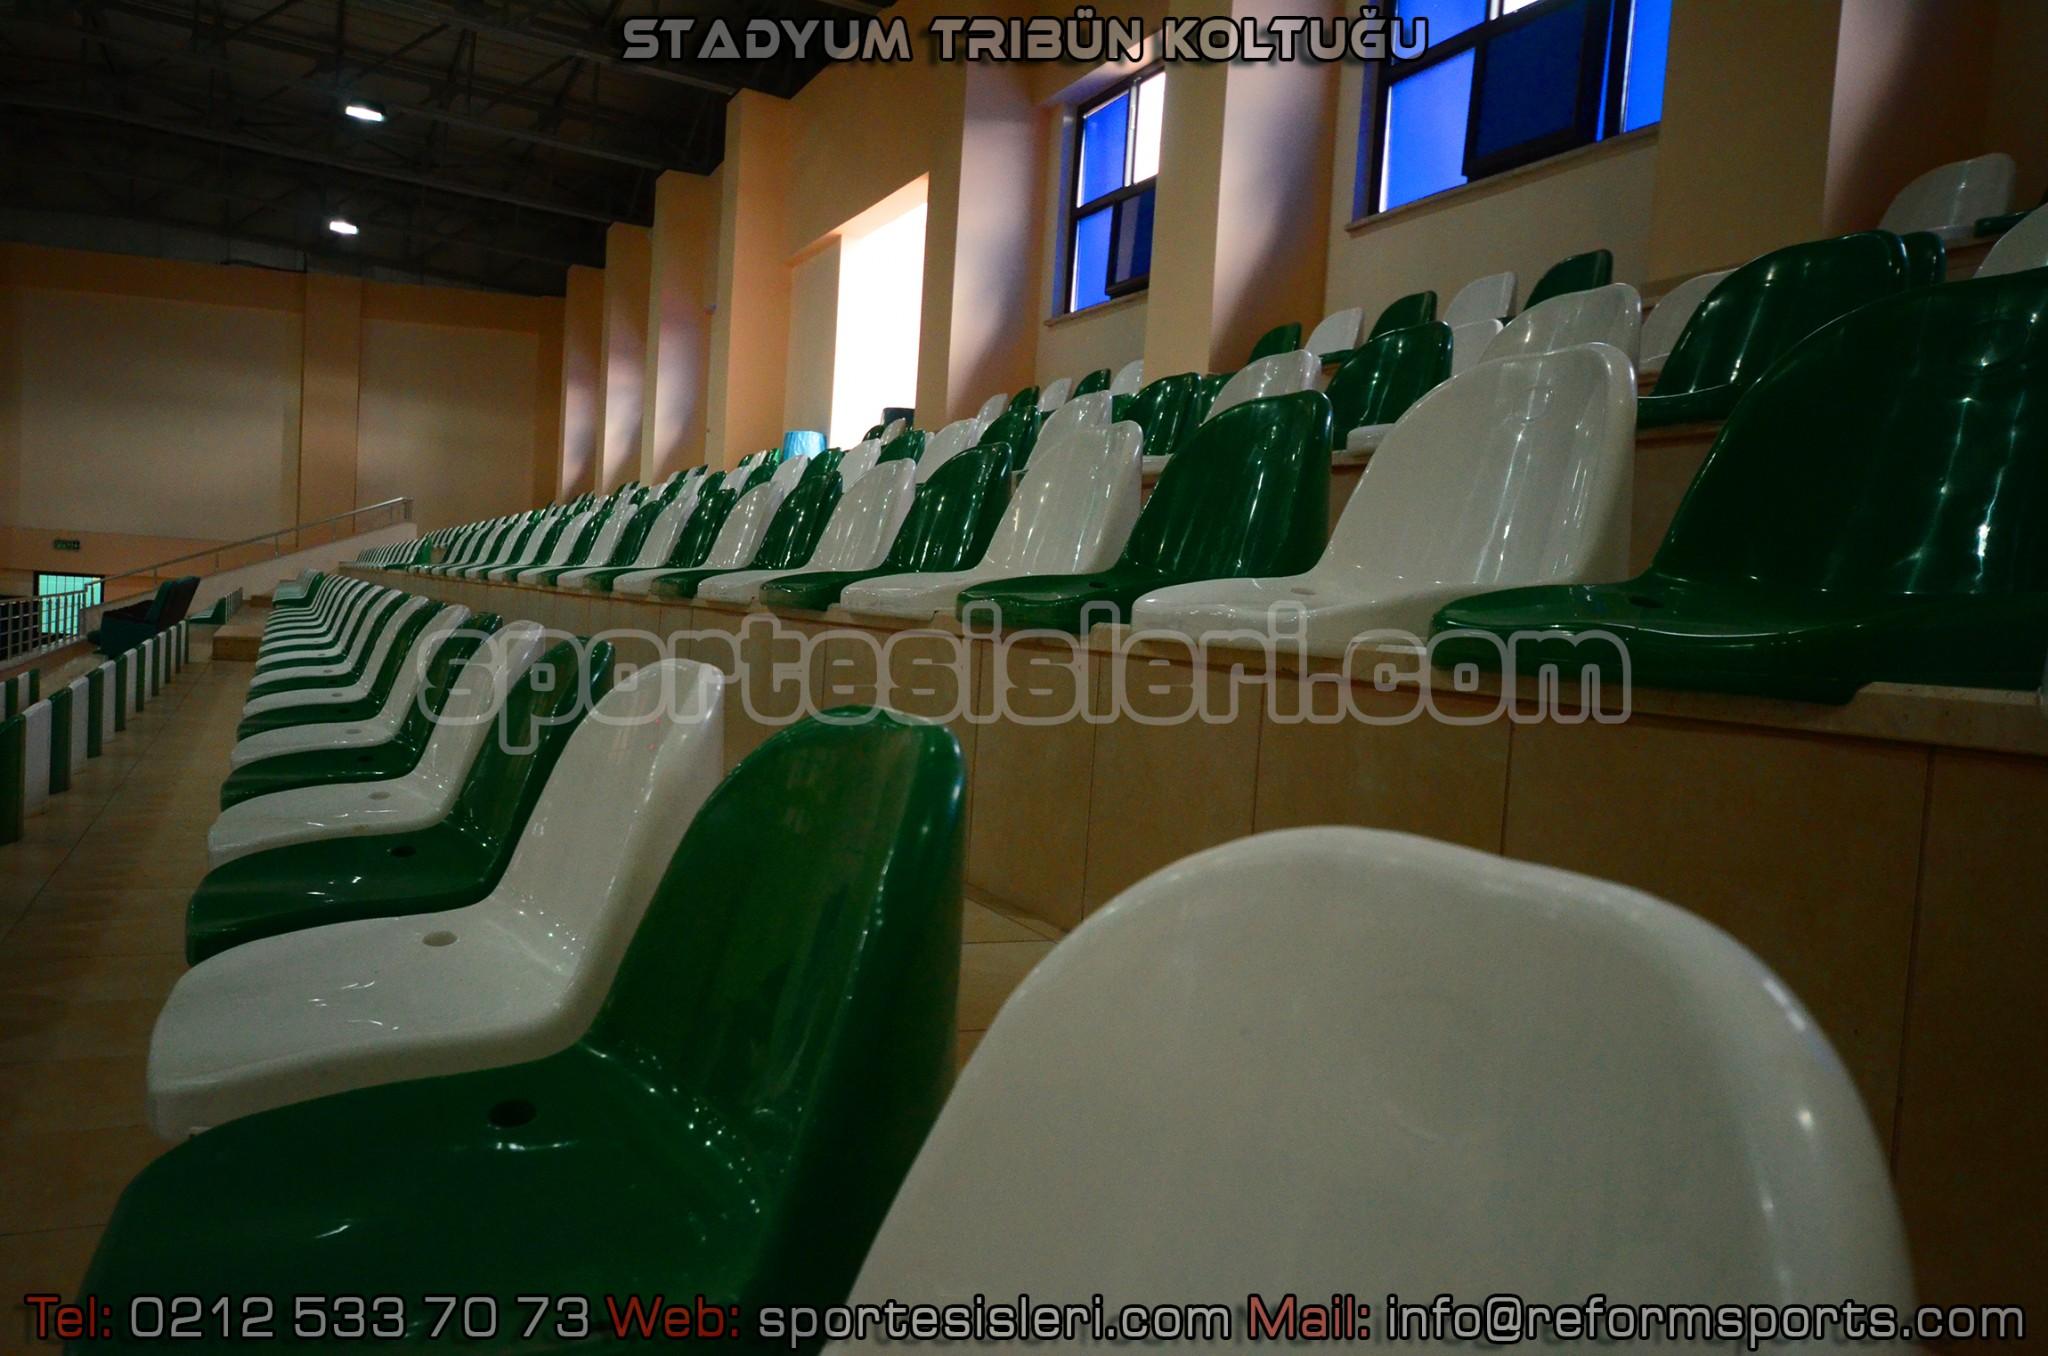 plastik stadyum koltuğu, plastik koltuk, ucuz koltuk,